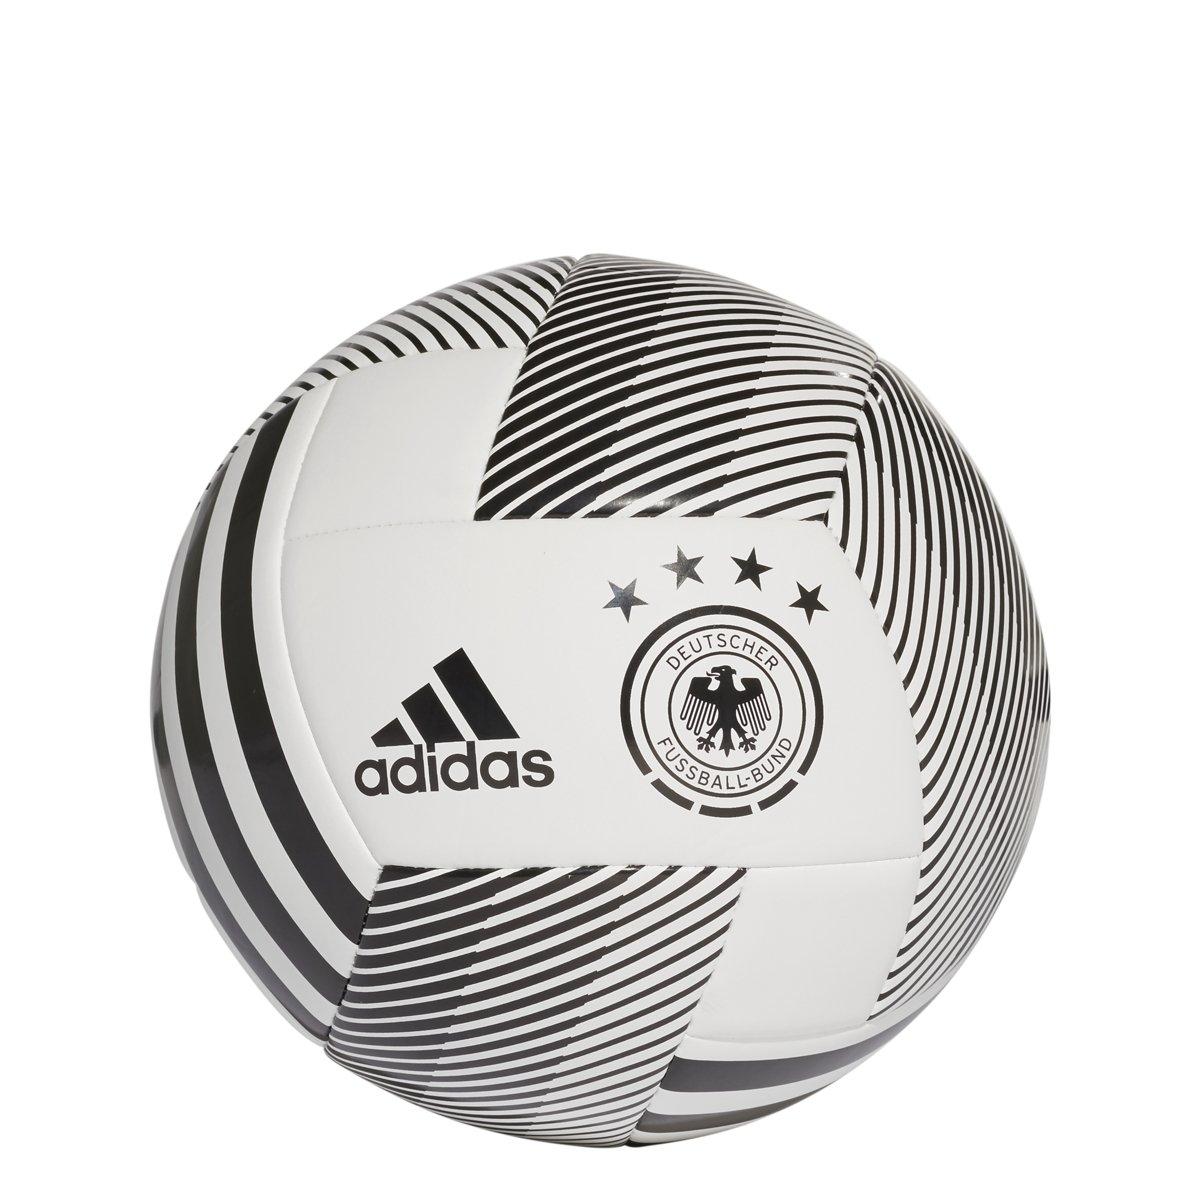 Adidasメンズサッカードイツグライダーボール B0762YGNQF5